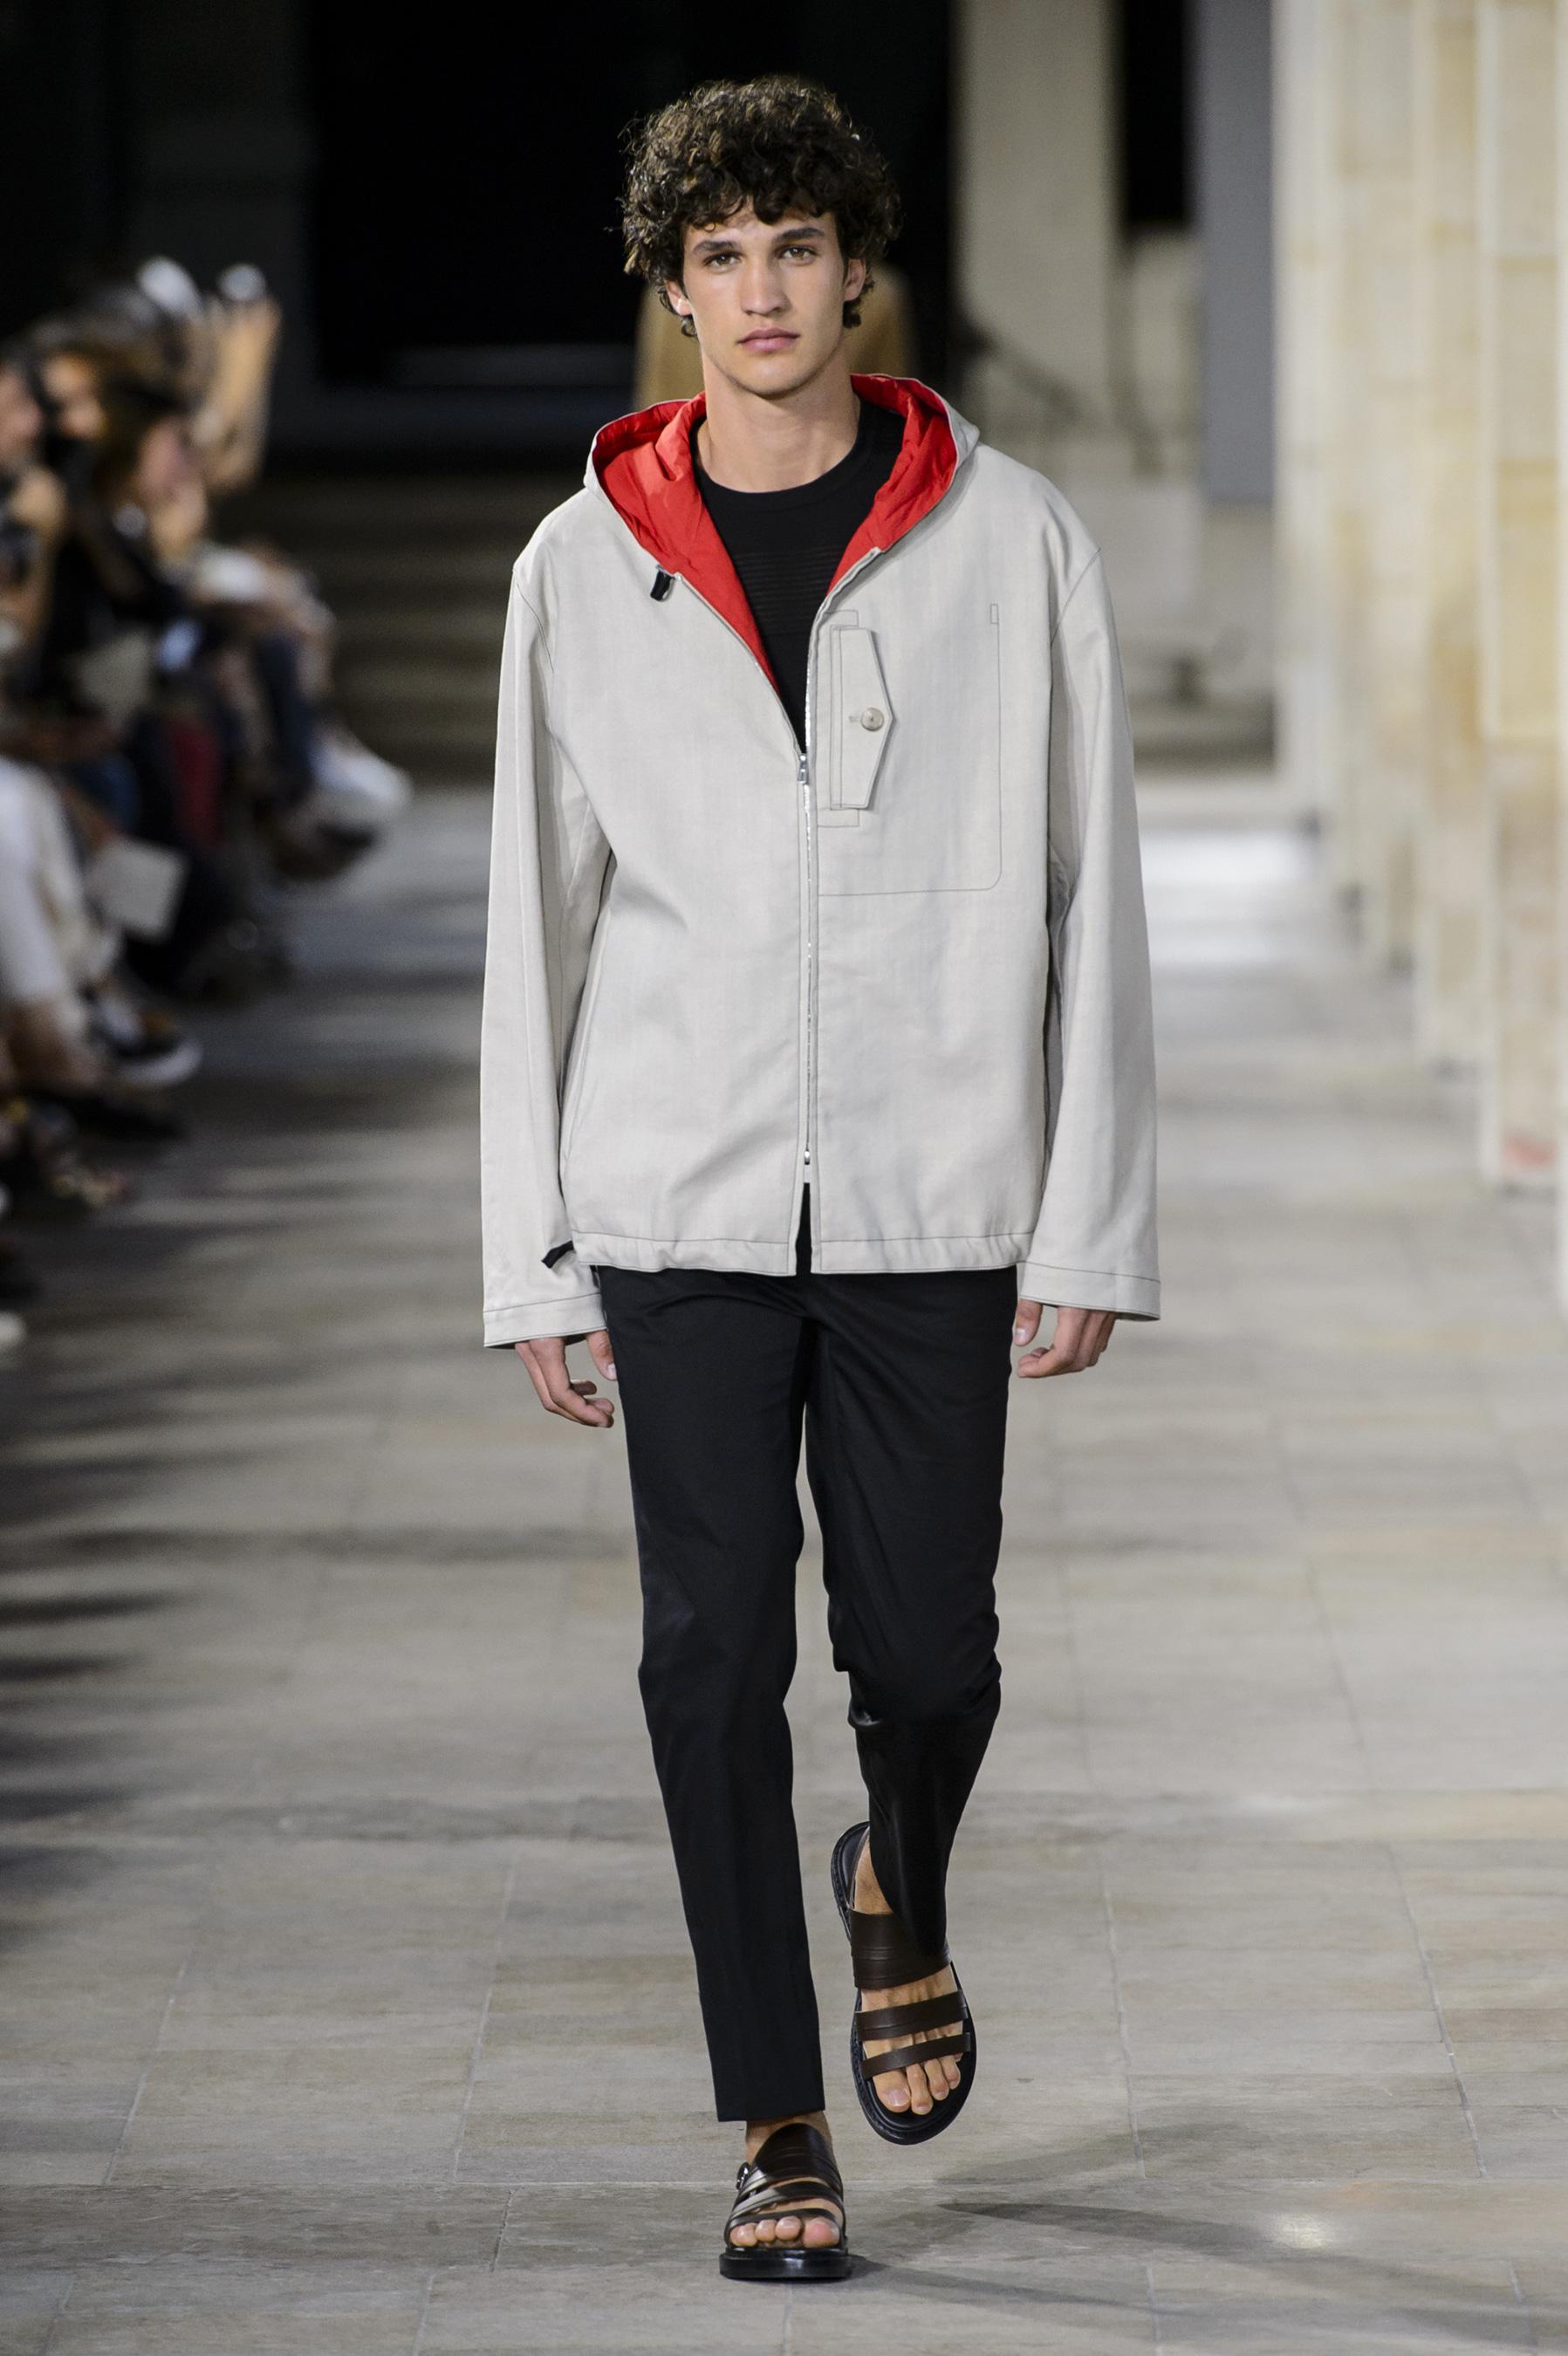 Défilé Hermès printemps-été 2018 Homme - Madame Figaro 2042d706e61